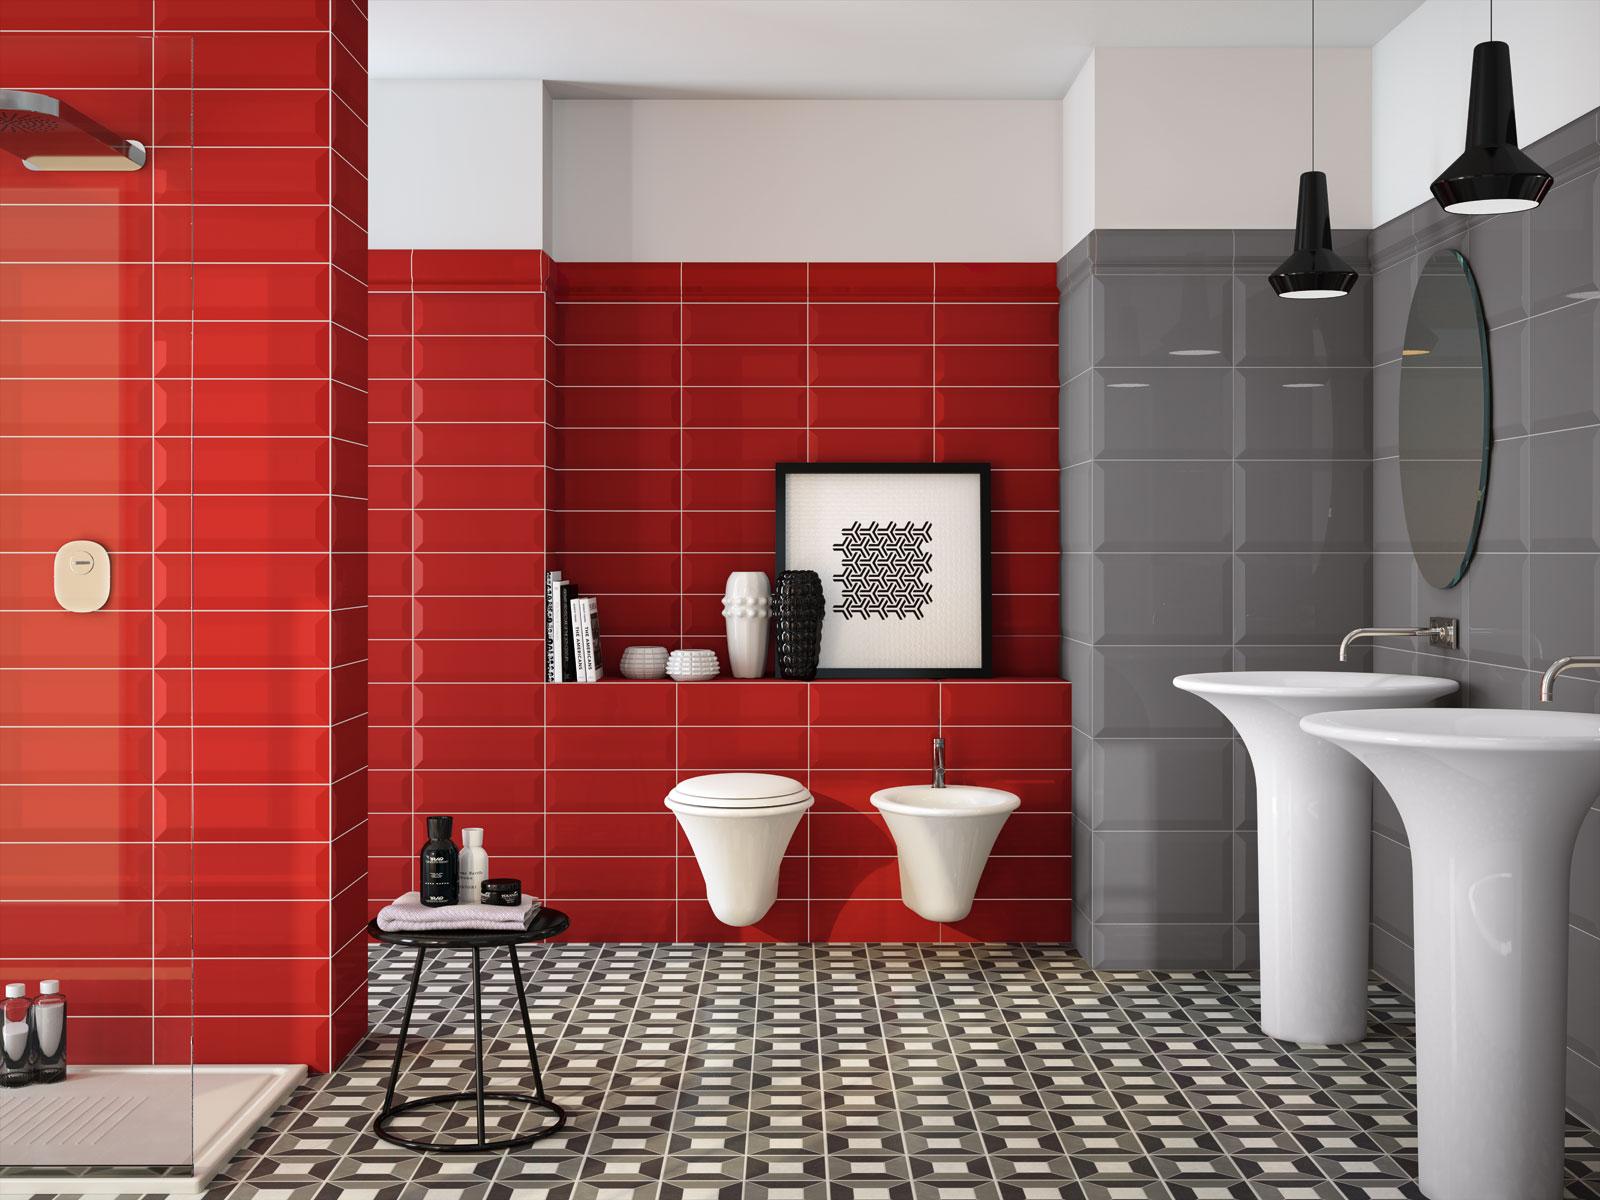 ... rosso e dona carattere agli ambienti della casa con le piastrelle